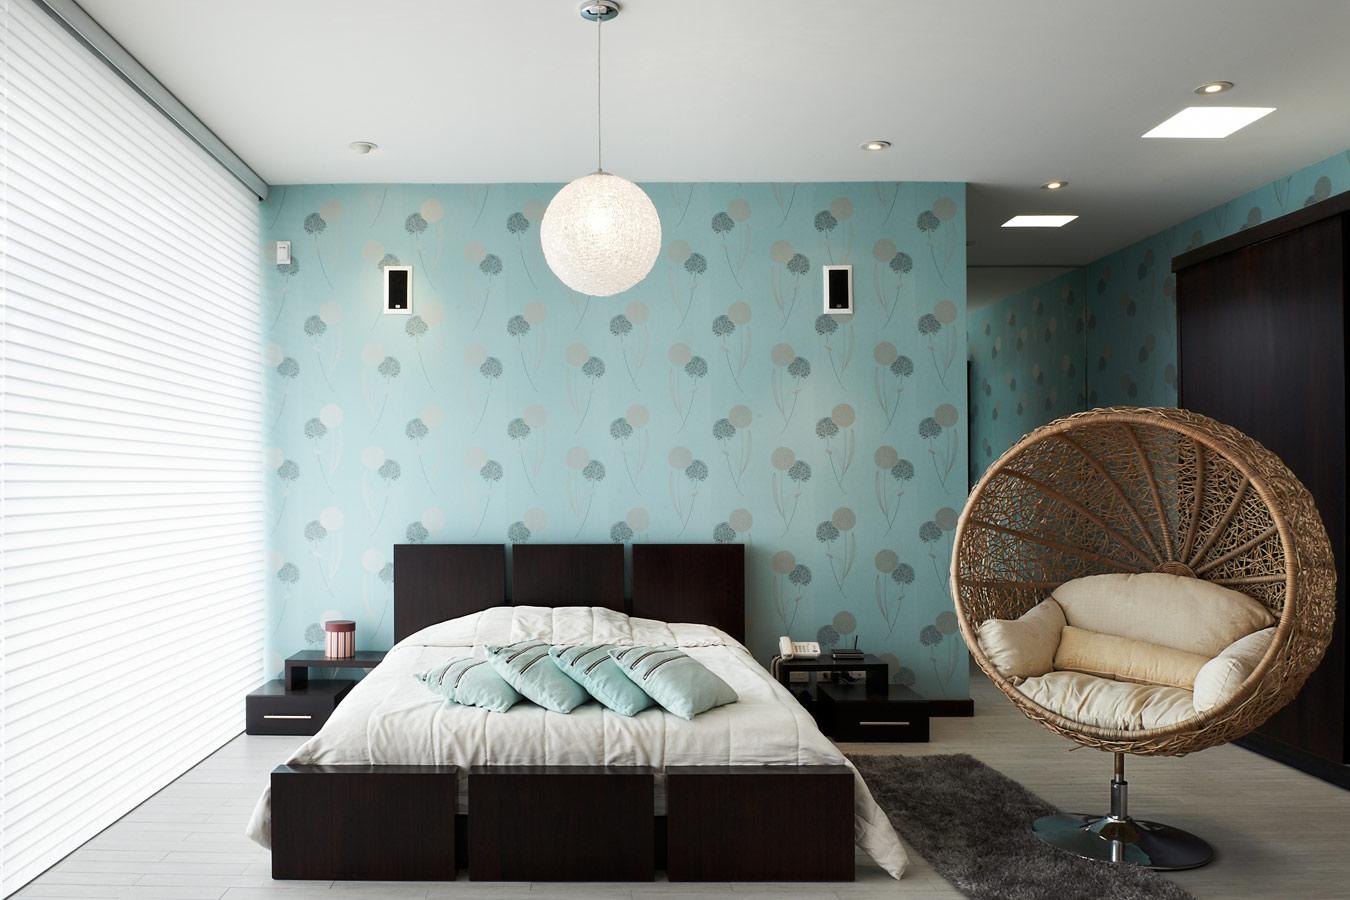 Warme Slaapkamer Ideeen.Tips Warme Slaapkamer Beautiful Stylist Fietje De Bruin Heeft